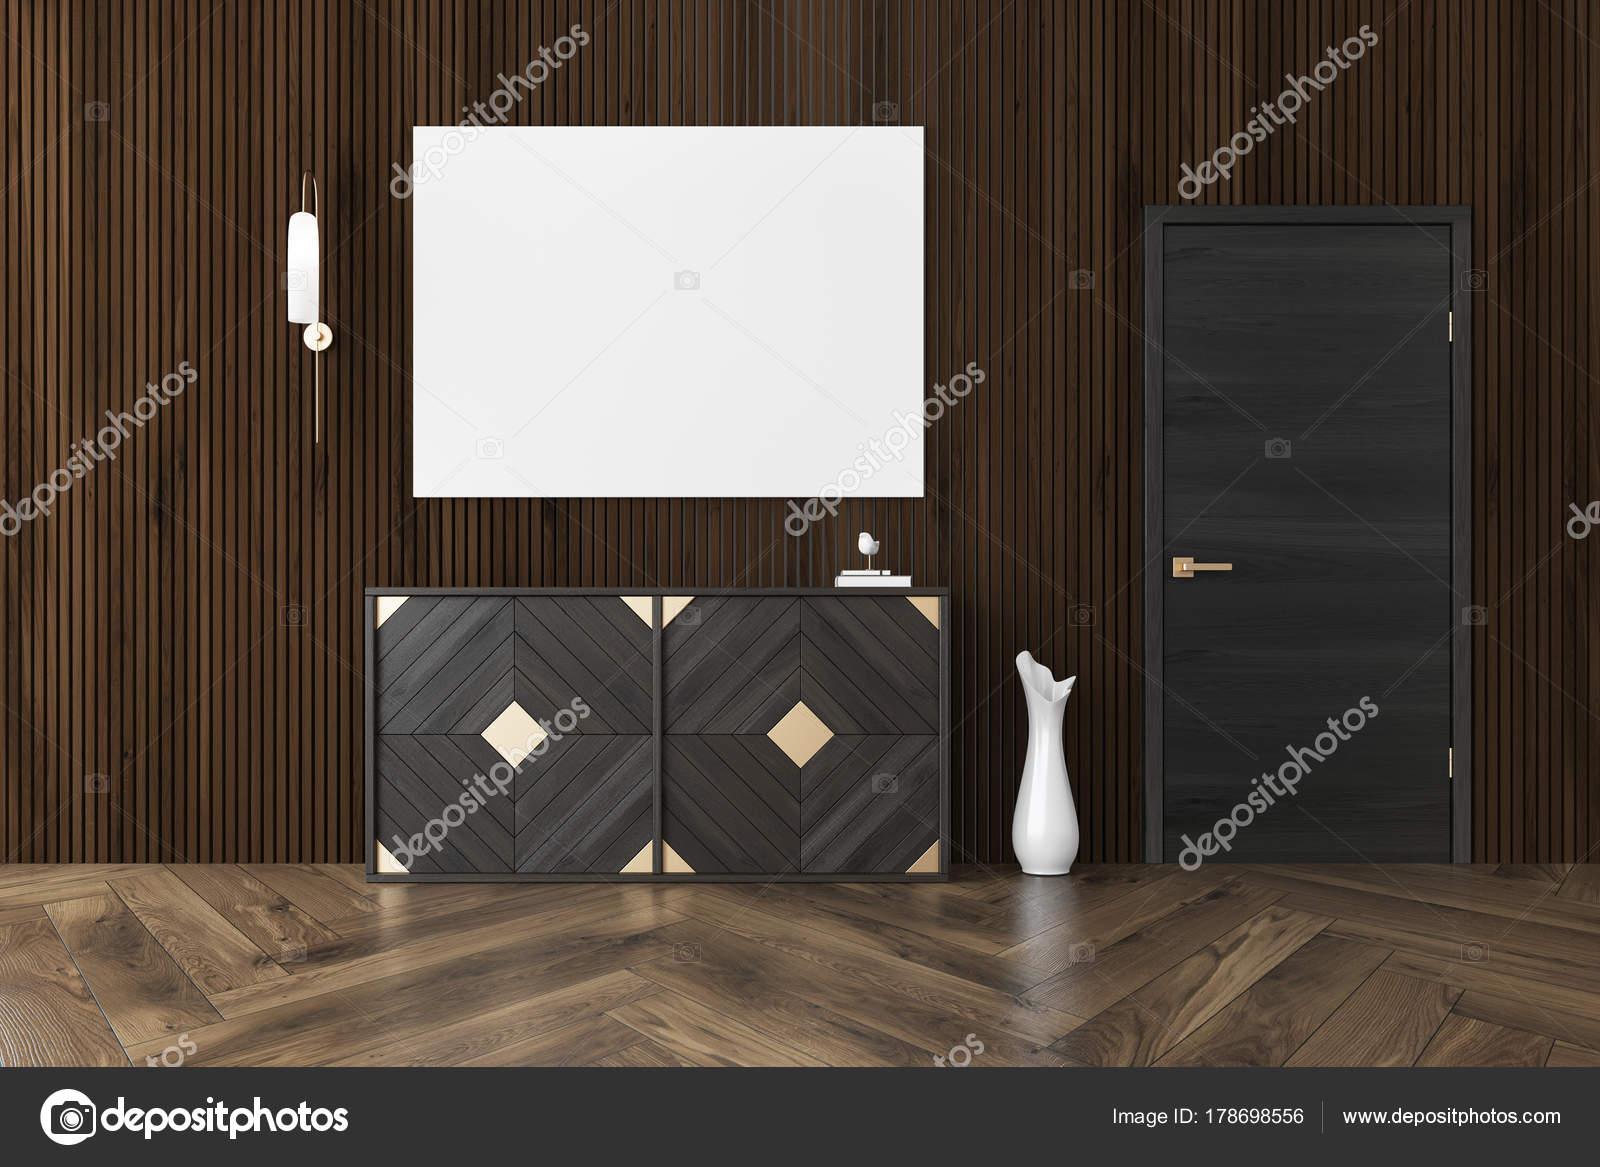 Dunkles Holz Wohnzimmer Interieur Mit Einem Holzfußboden, Eine Kommode,  Einen Schmalen Vase In Der Nähe Einer Tür Und Einem Poster.